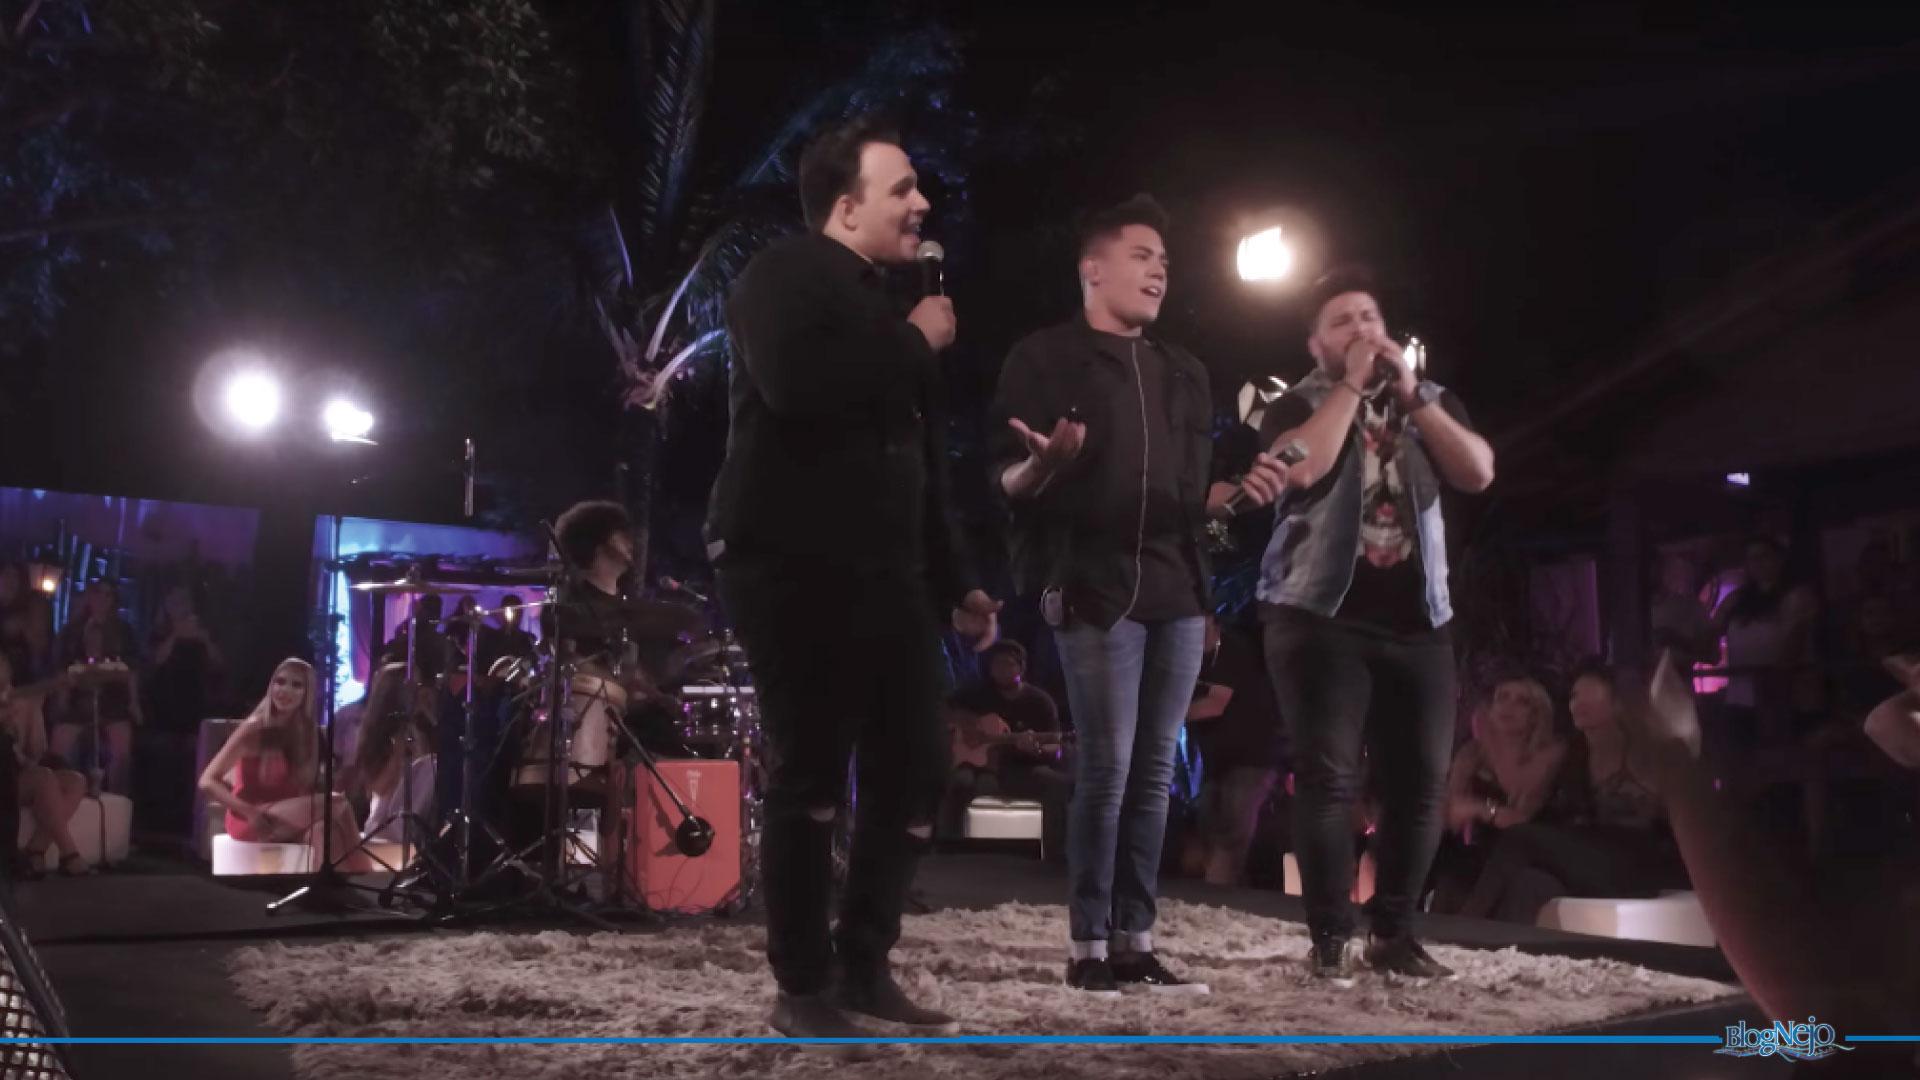 Gustavo Moura & Rafael gravam novo DVD e lançam primeira música, com Felipe Araújo